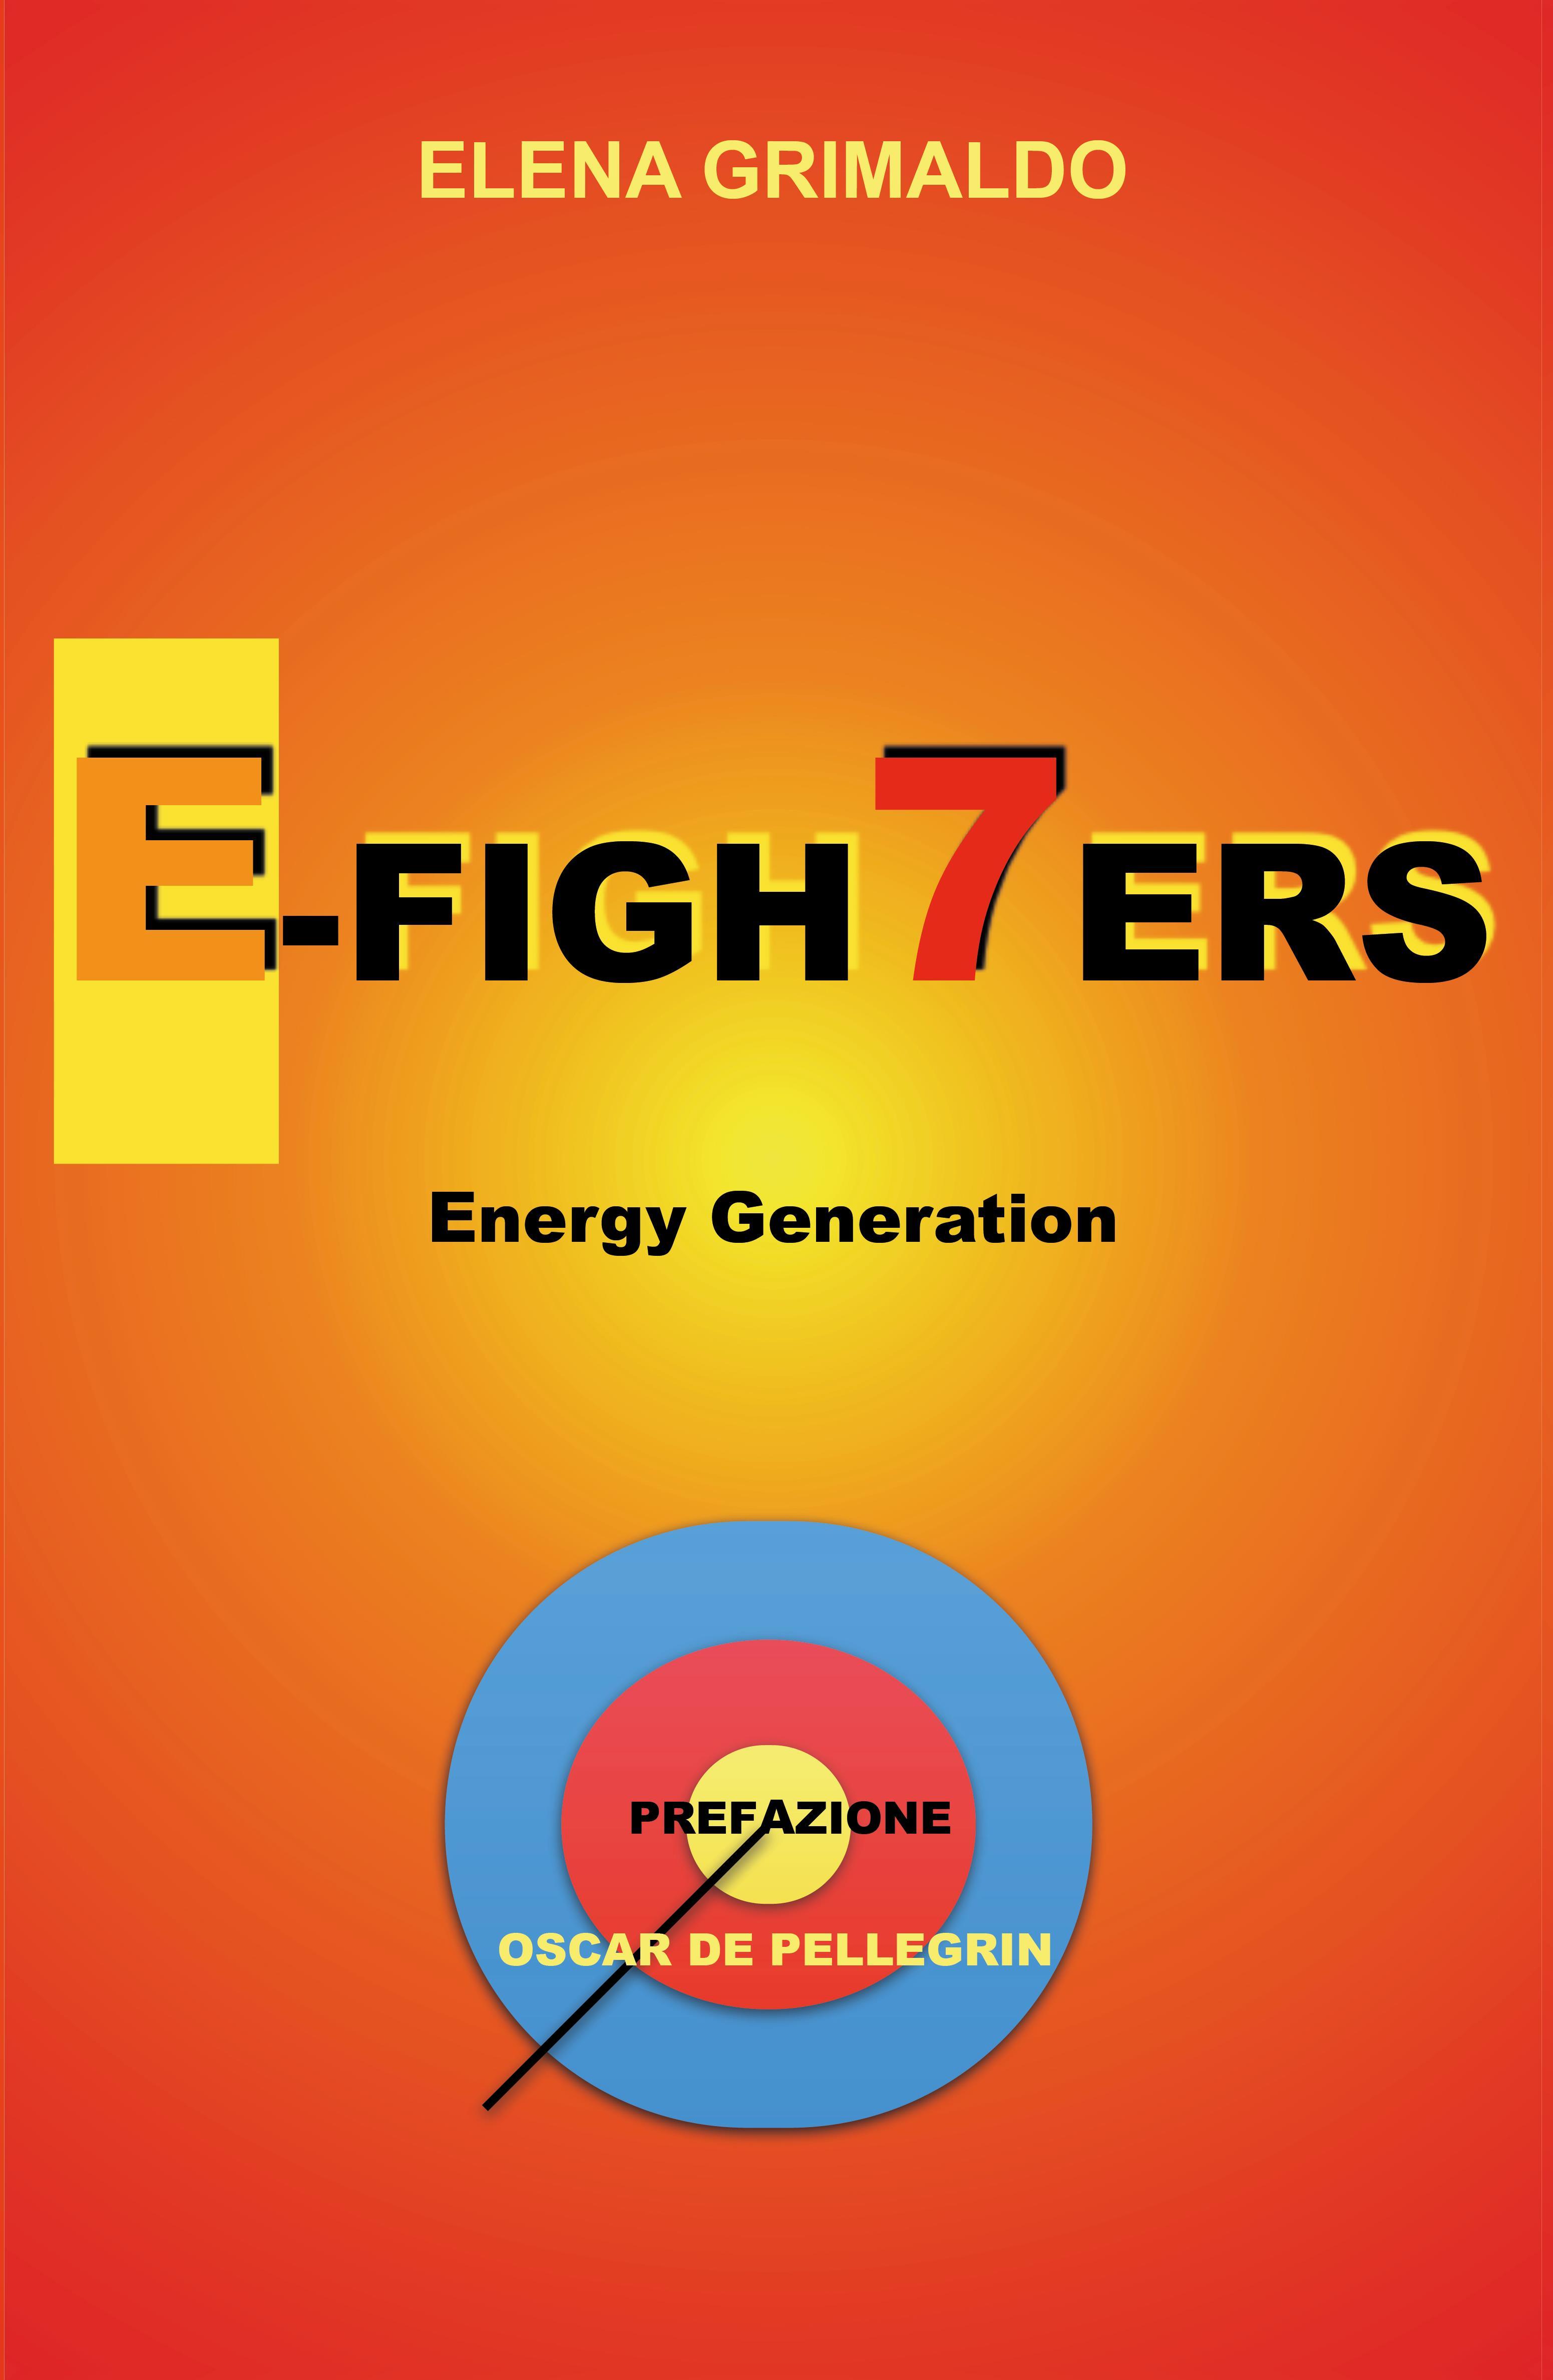 E-Figh7ers Energy Generation